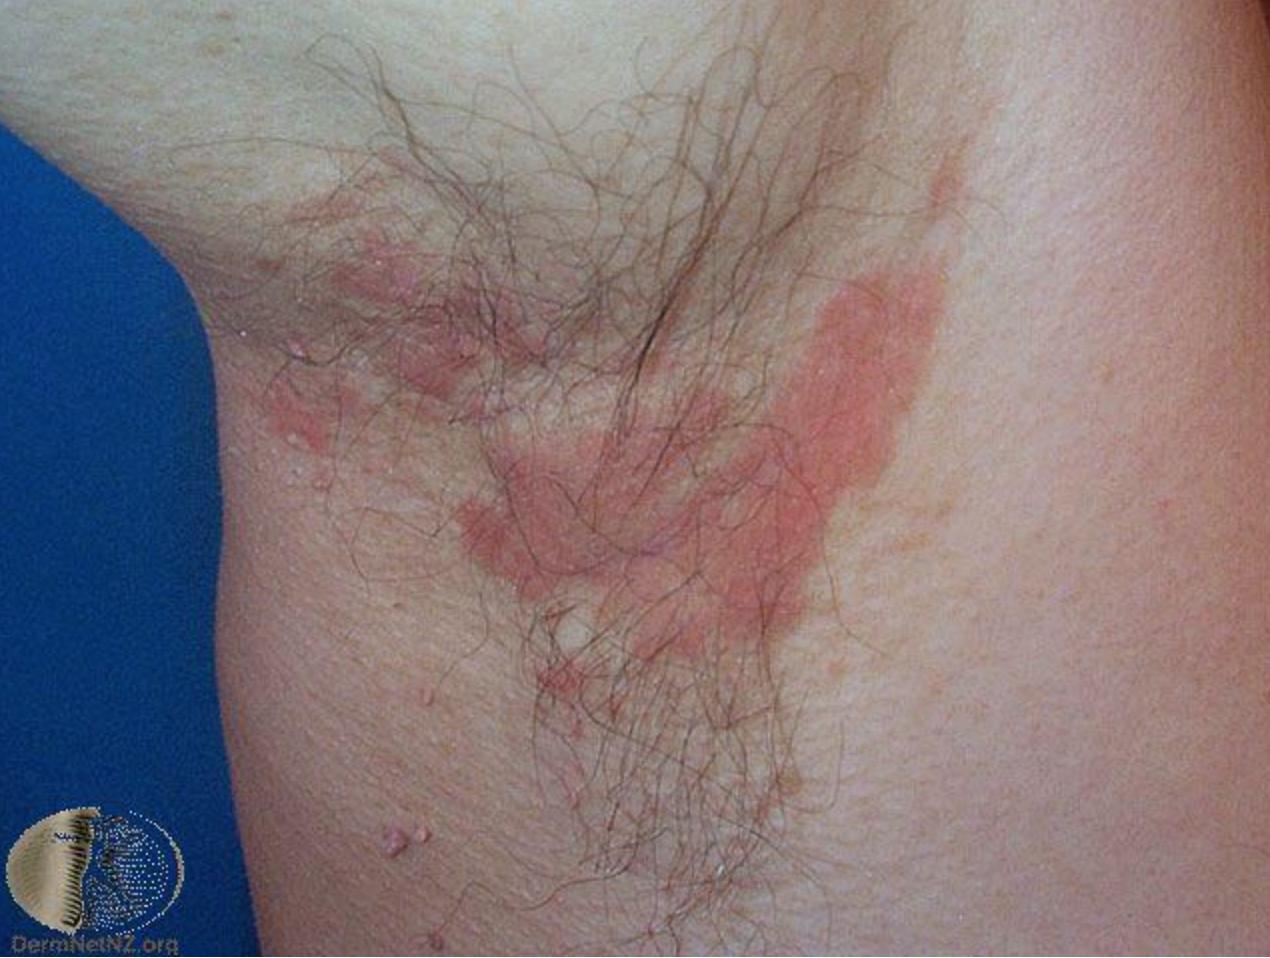 發生在身體及皮膚皺摺處的脂漏性皮膚炎